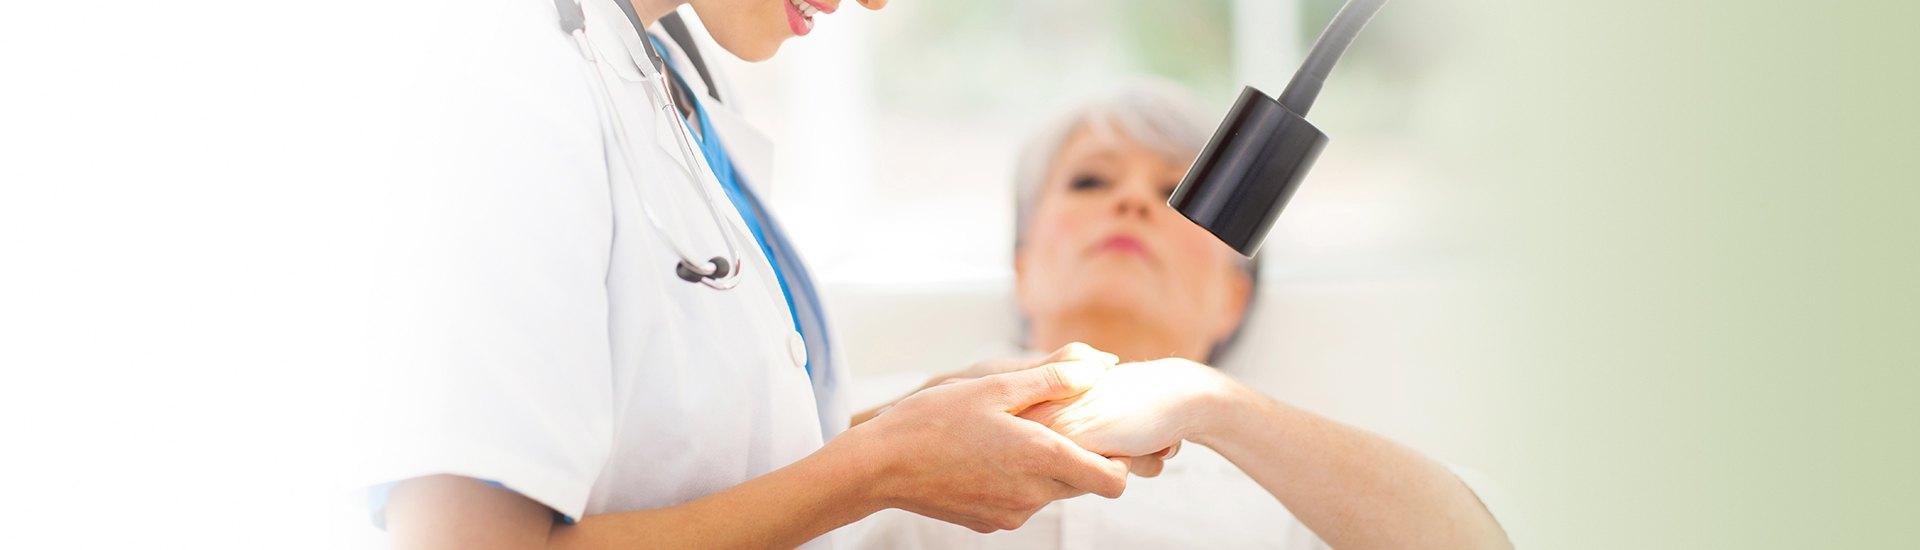 Dermatologia Clínica - Confira todos os tratamentos